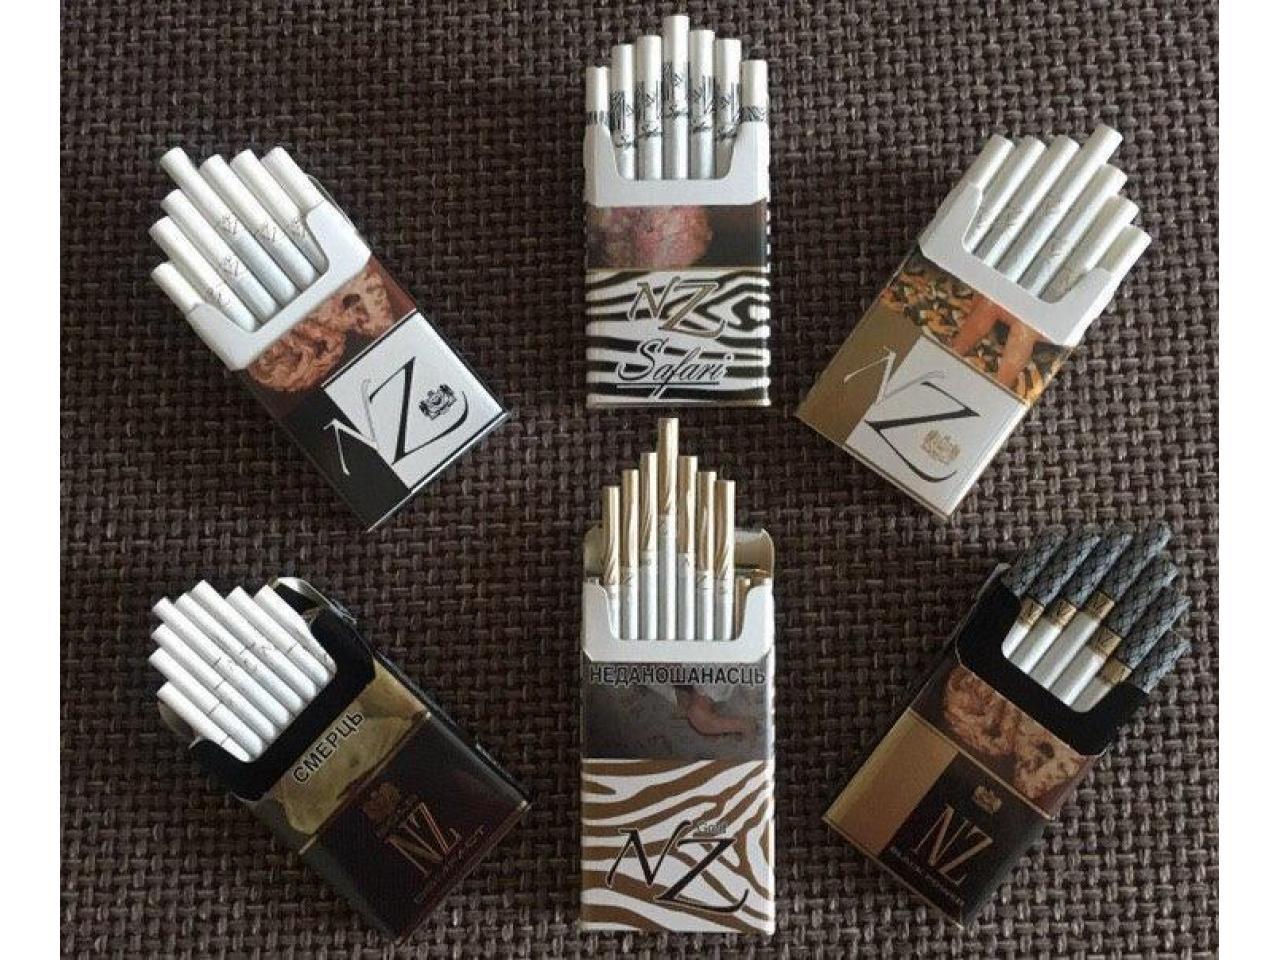 Табачная продукция мелким и крупным оптом - 8